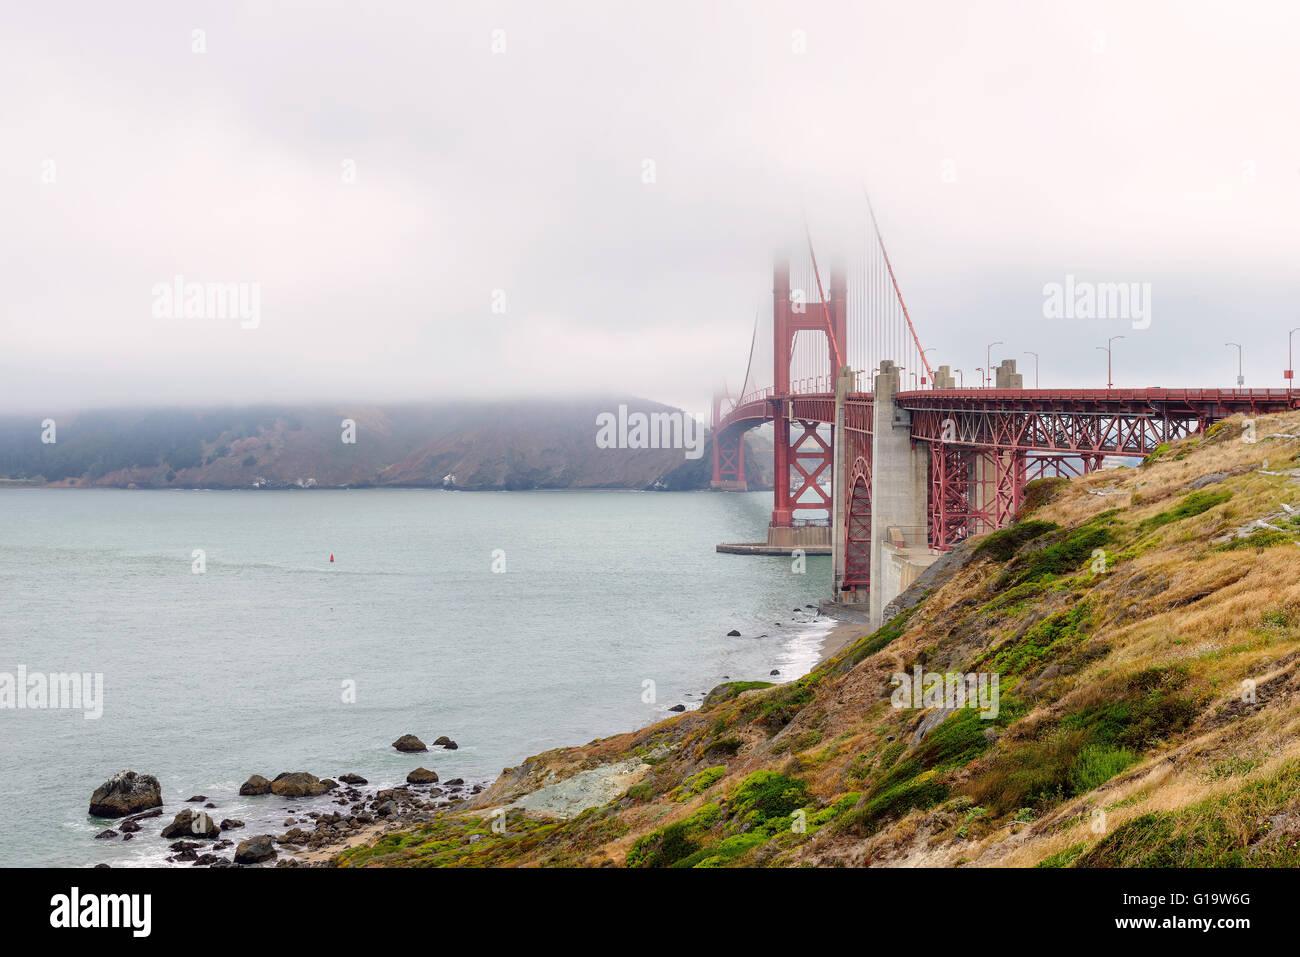 Famoso Puente Golden Gate Bridge en San Francisco parcialmente cubierto de niebla Imagen De Stock